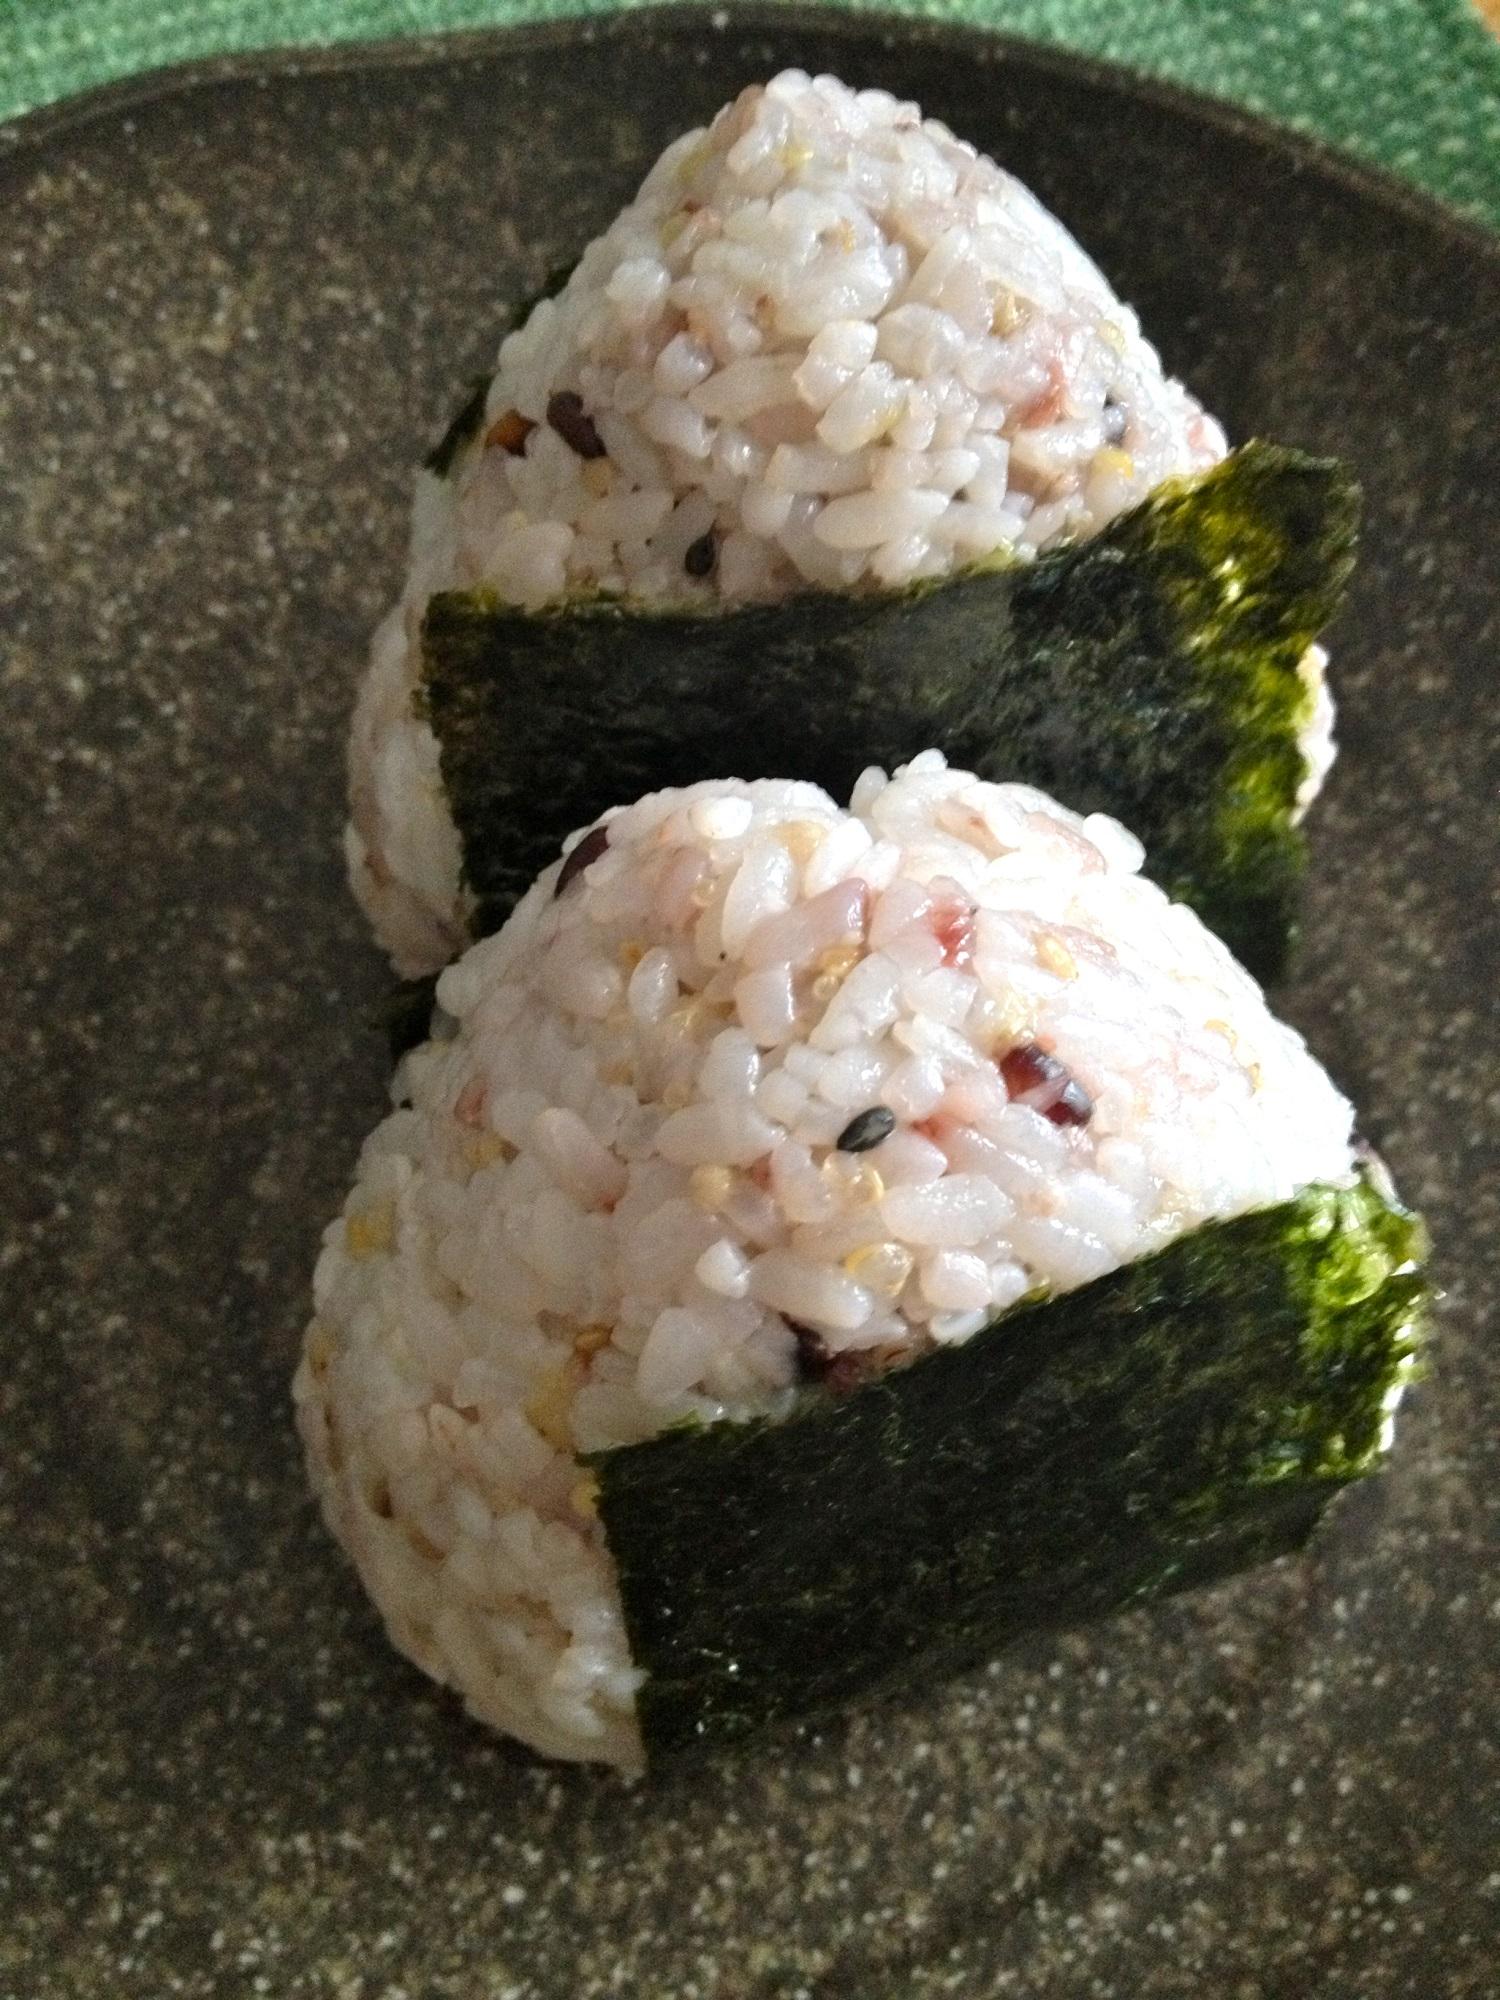 Zakkokumaista valmistettuja onigiri-riisipalloja. Kuva: © Yoshiko Osamitsu